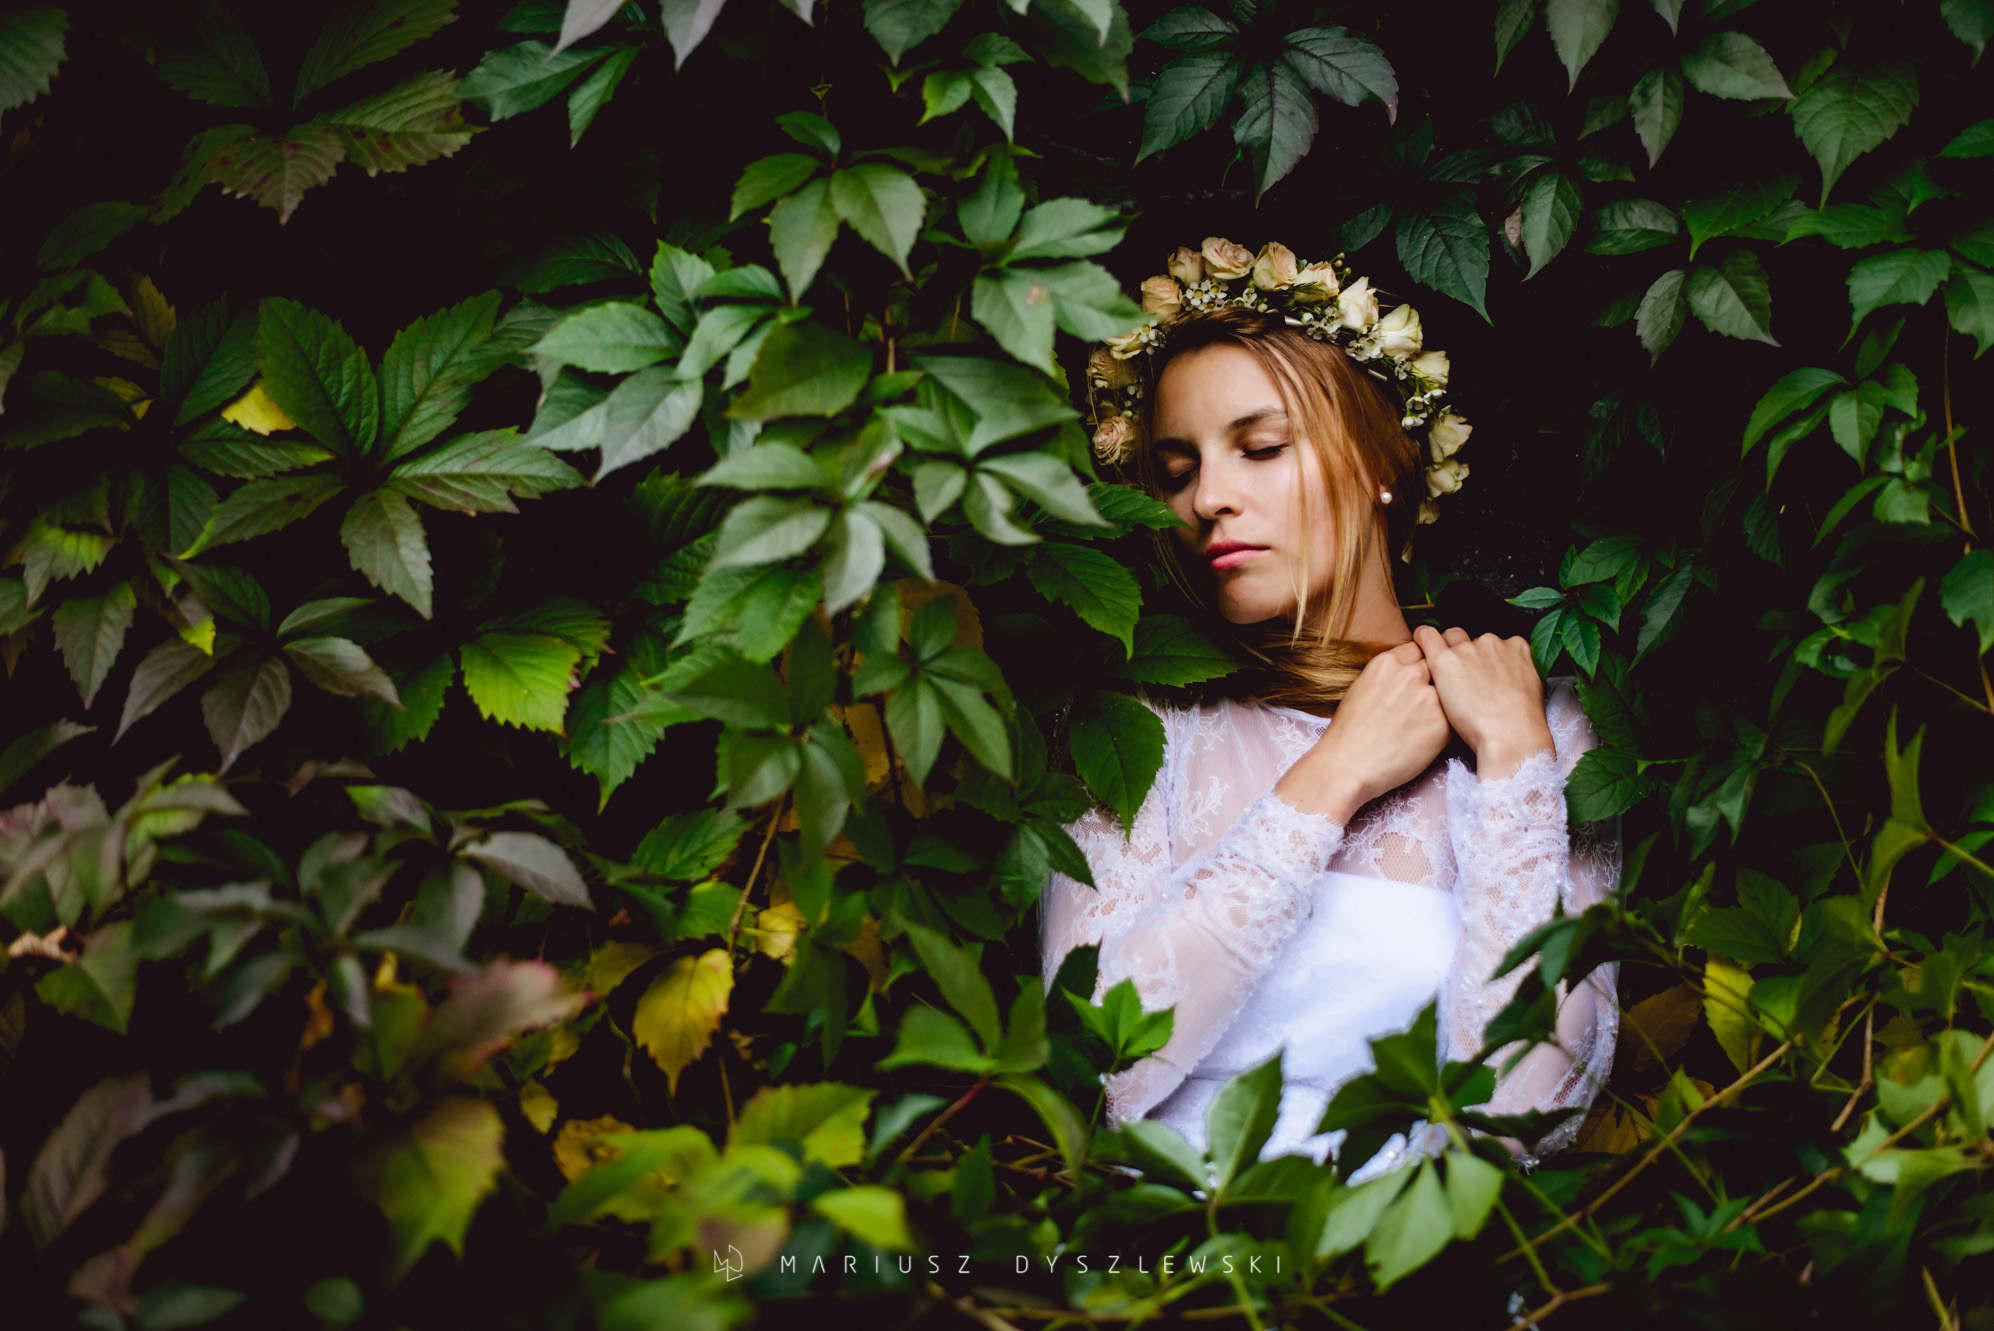 mariusz_dyszlewski_fotograf_ślubny (16)